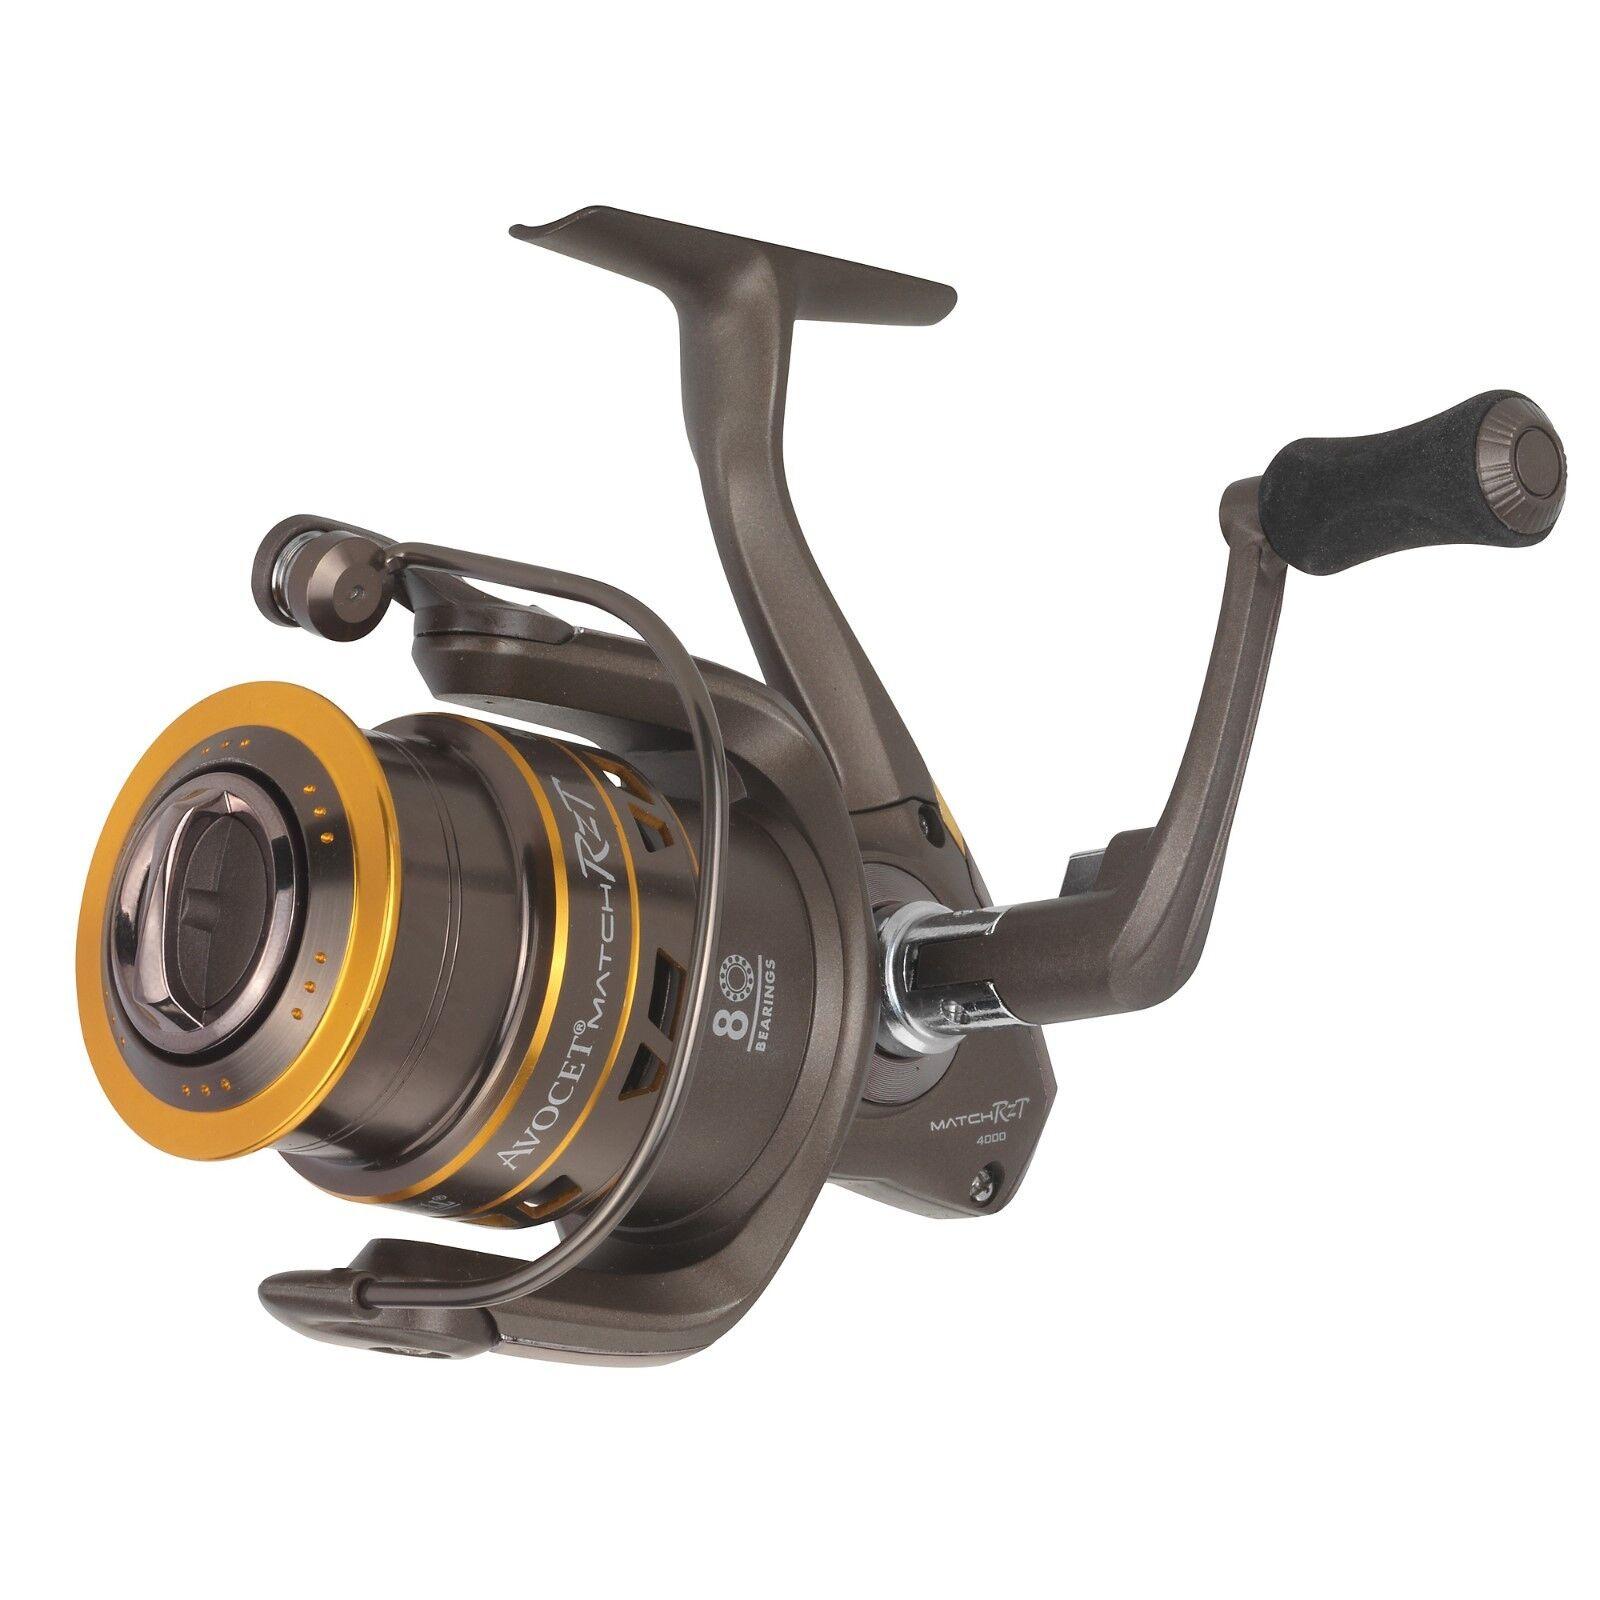 NUOVO MITCHELL AVOCET Match per pesca con mulinello FANO 4000 FD  1428053